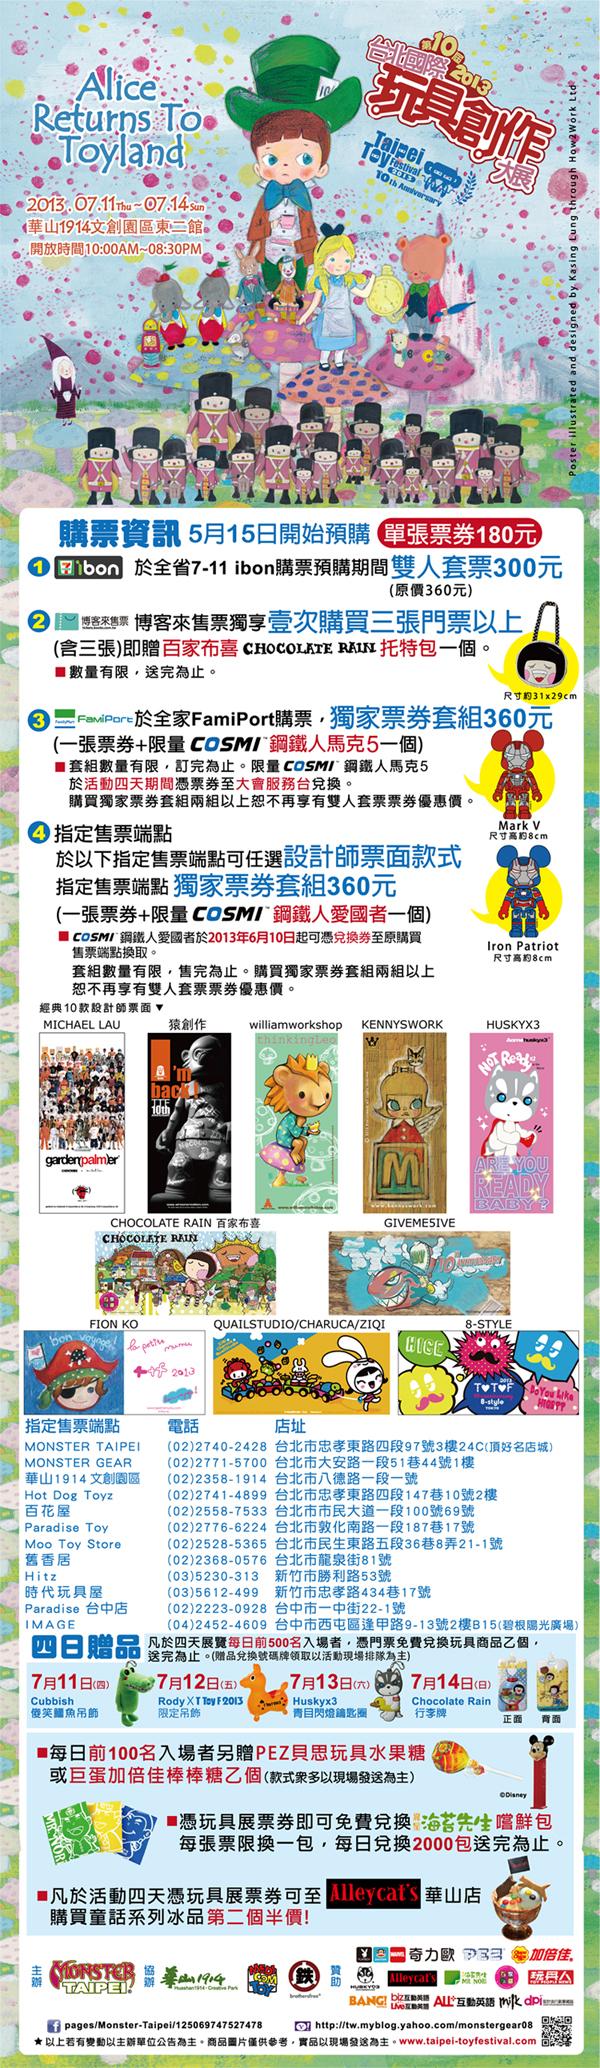 2013台北國際玩具創作大展10款設計師票面曝光!